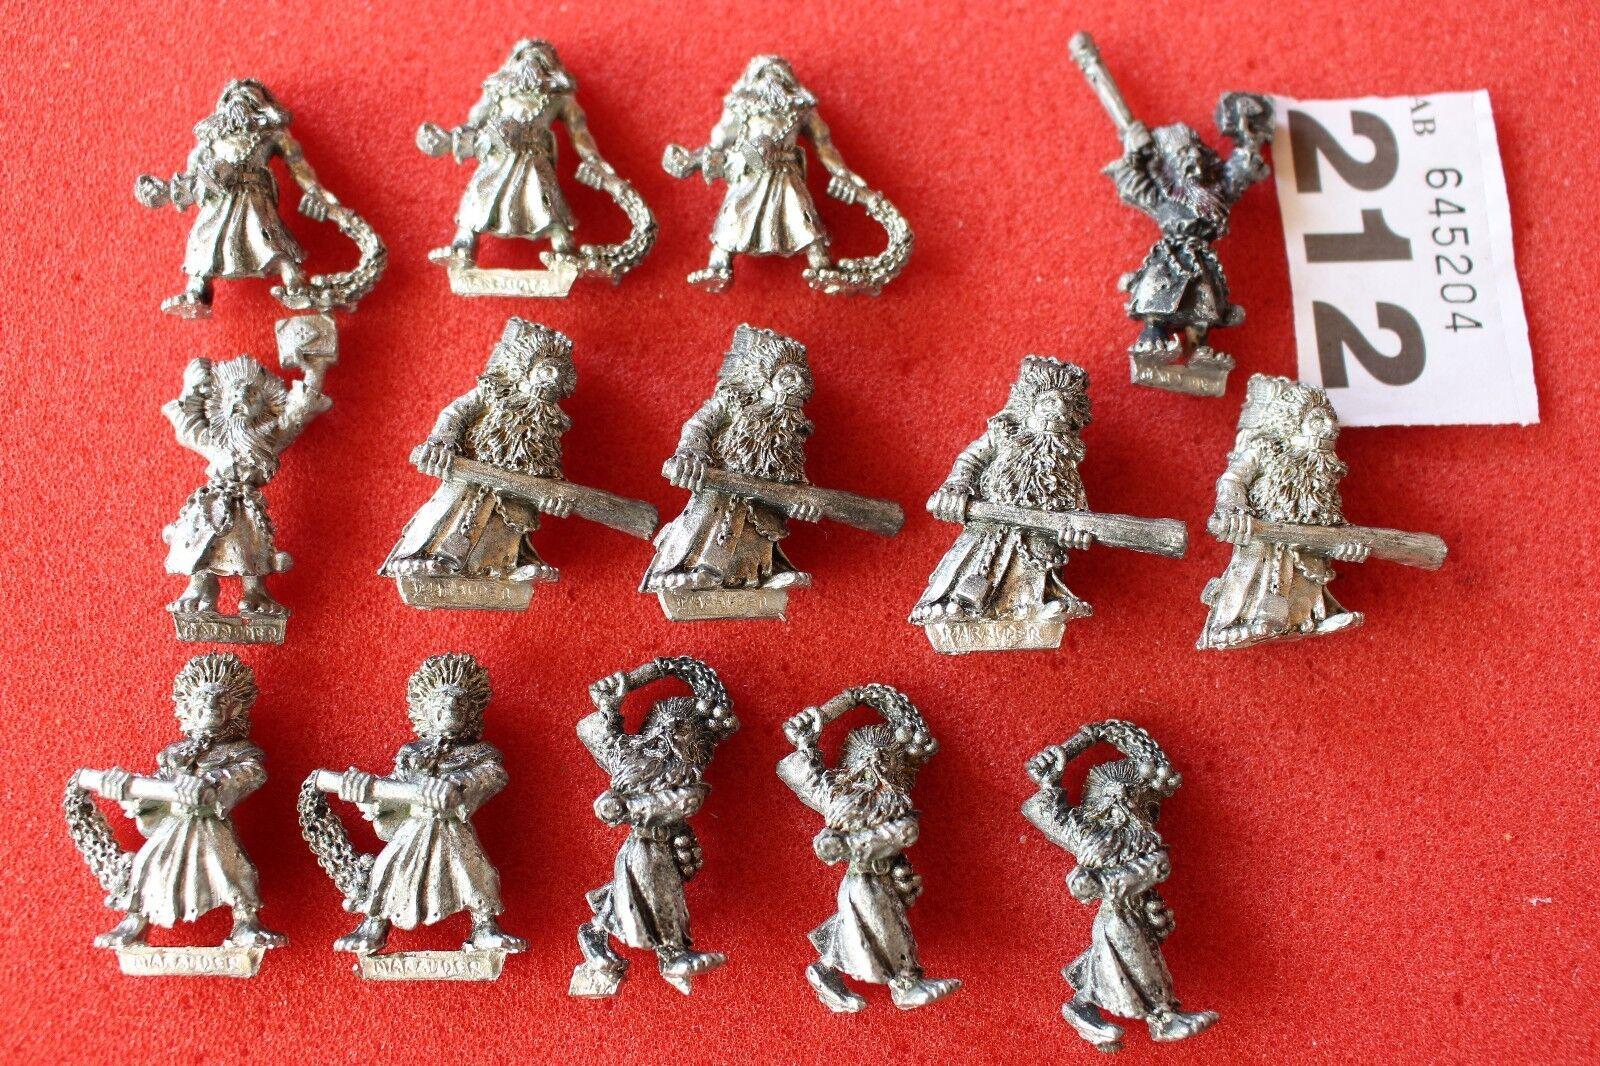 Juegos taller Warhammer Empire Flagellants 14x figuras de metal regmient 90s Ejército